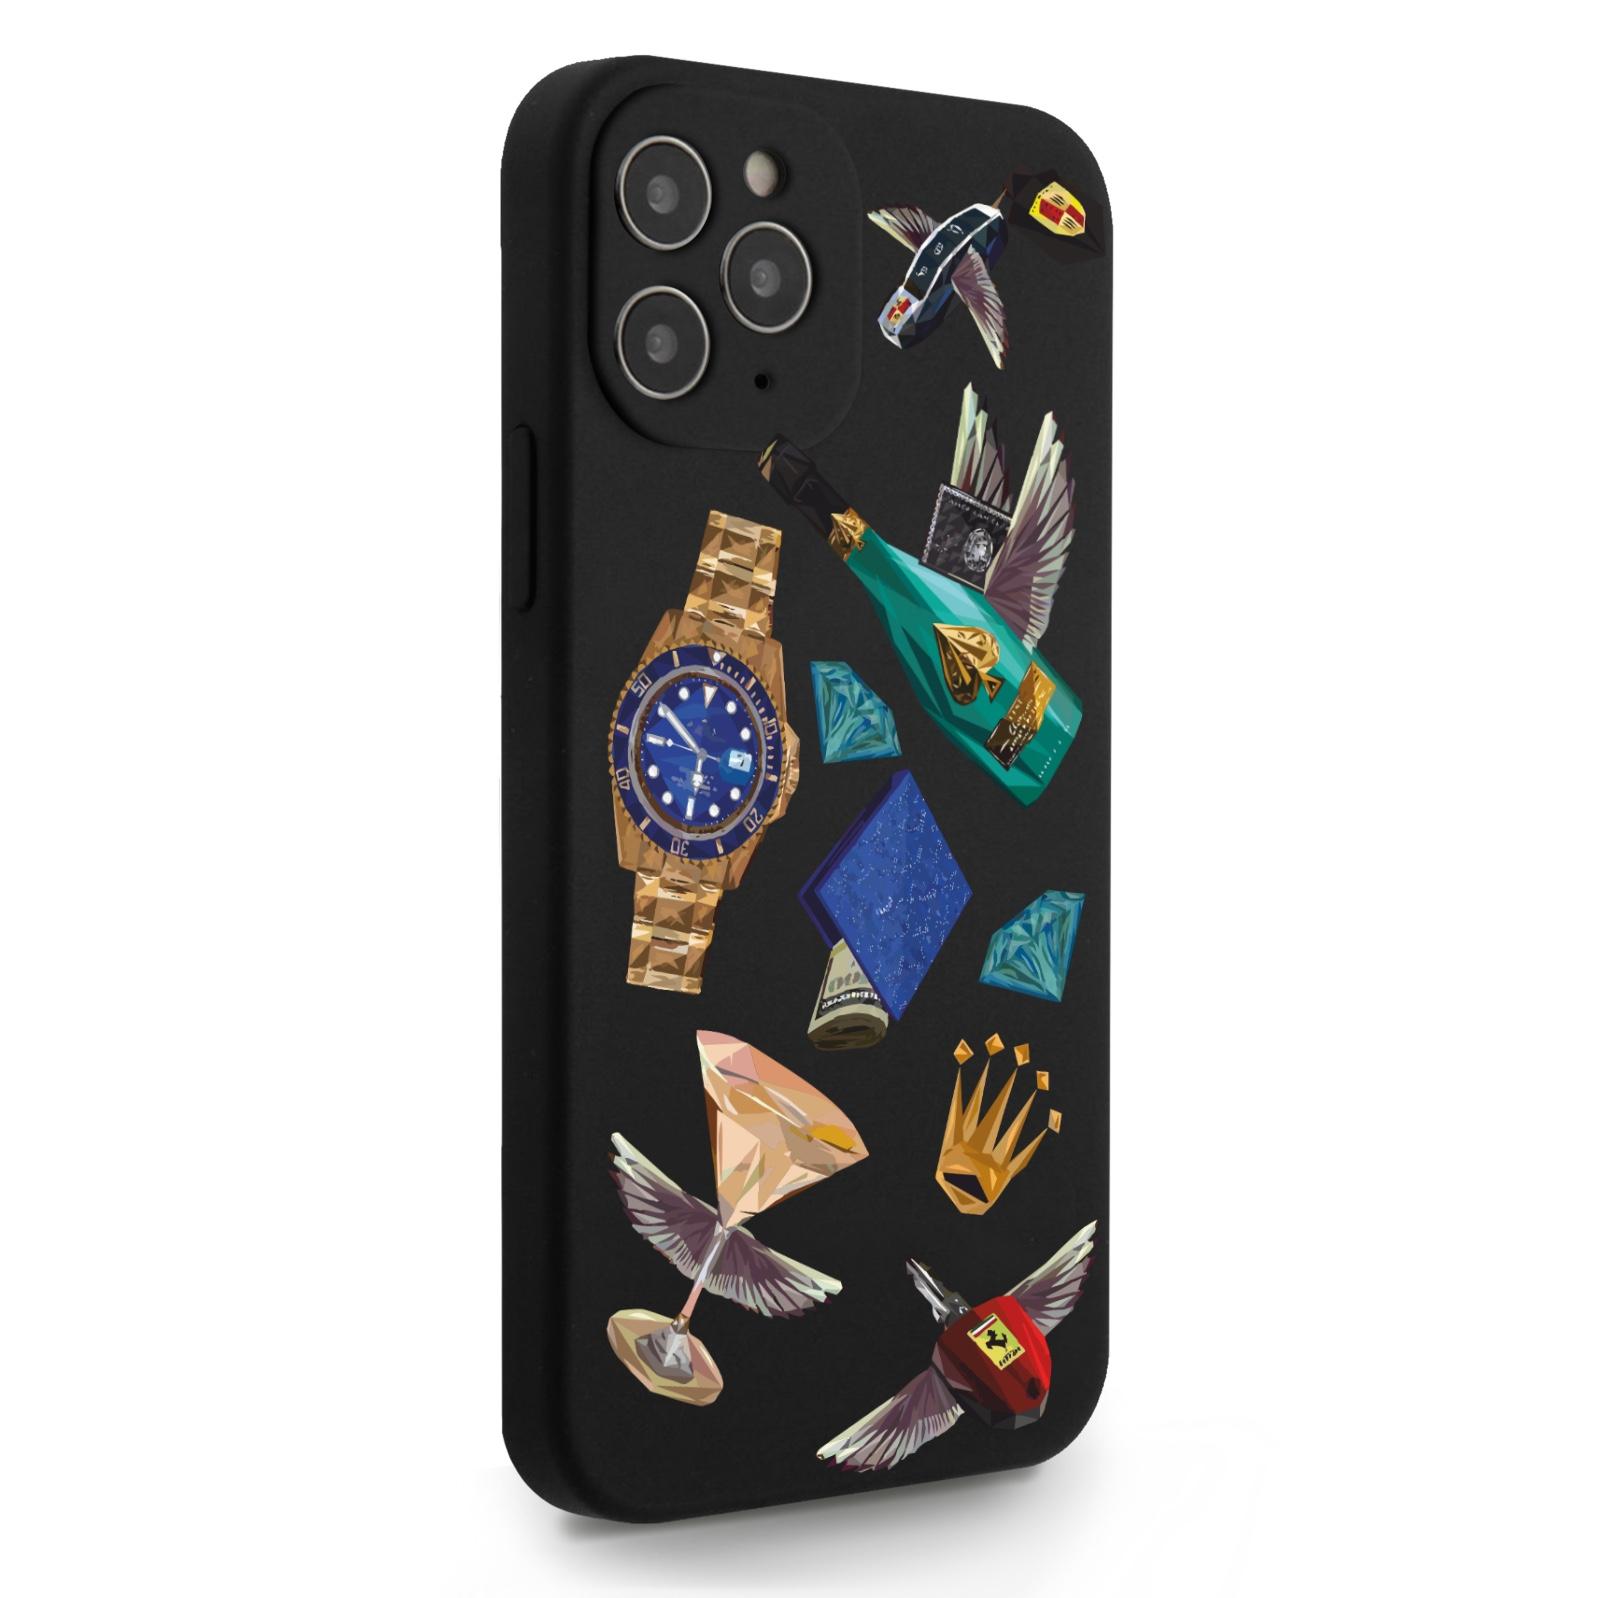 Черный силиконовый чехол для iPhone 12/12 Pro Luxury lifestyle для Айфон 12/12 Про